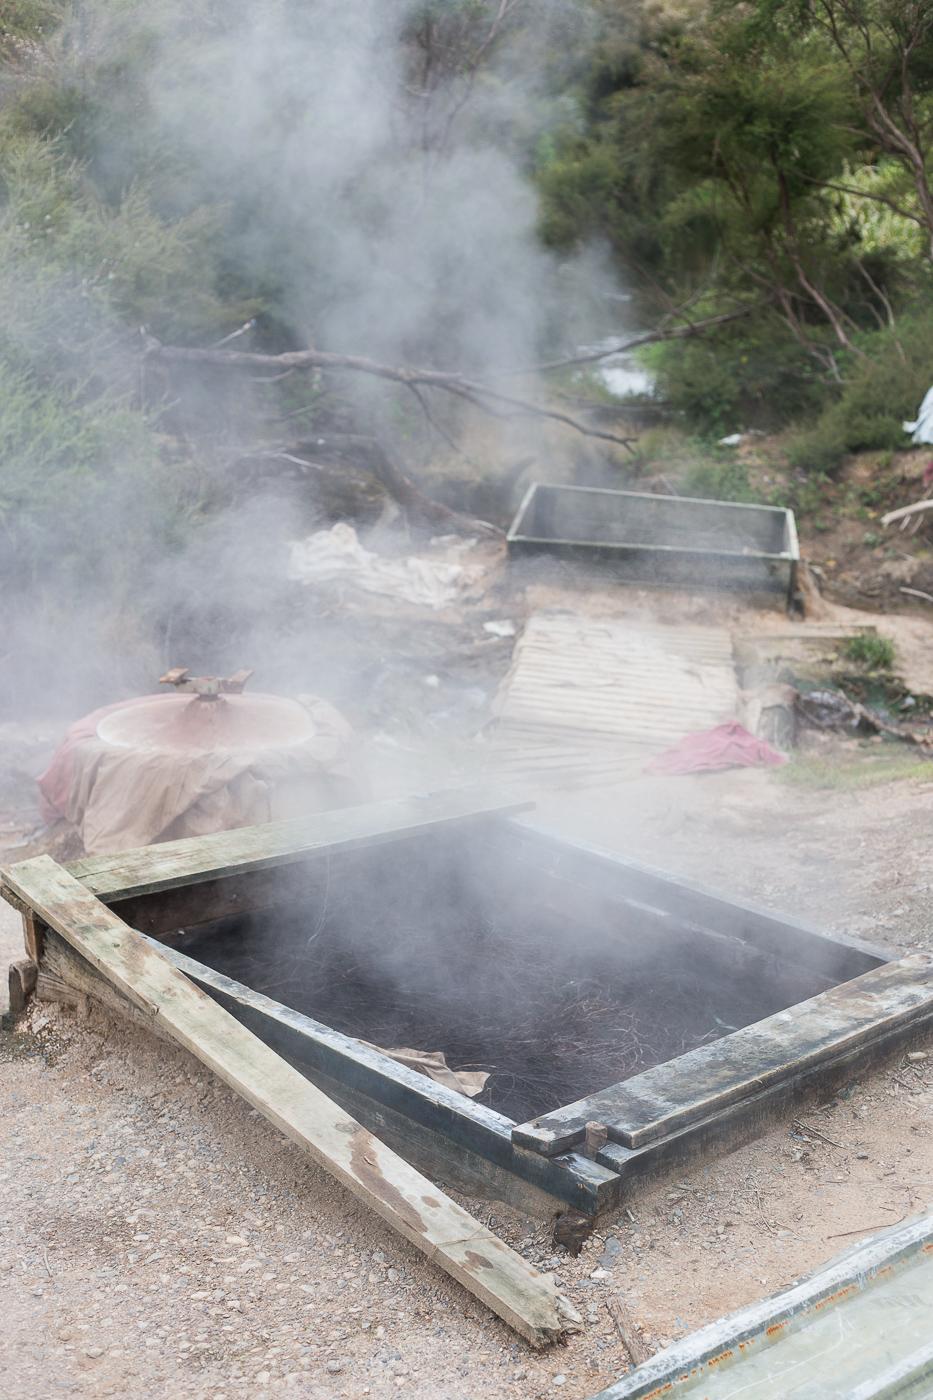 Naturally powered hangi pits